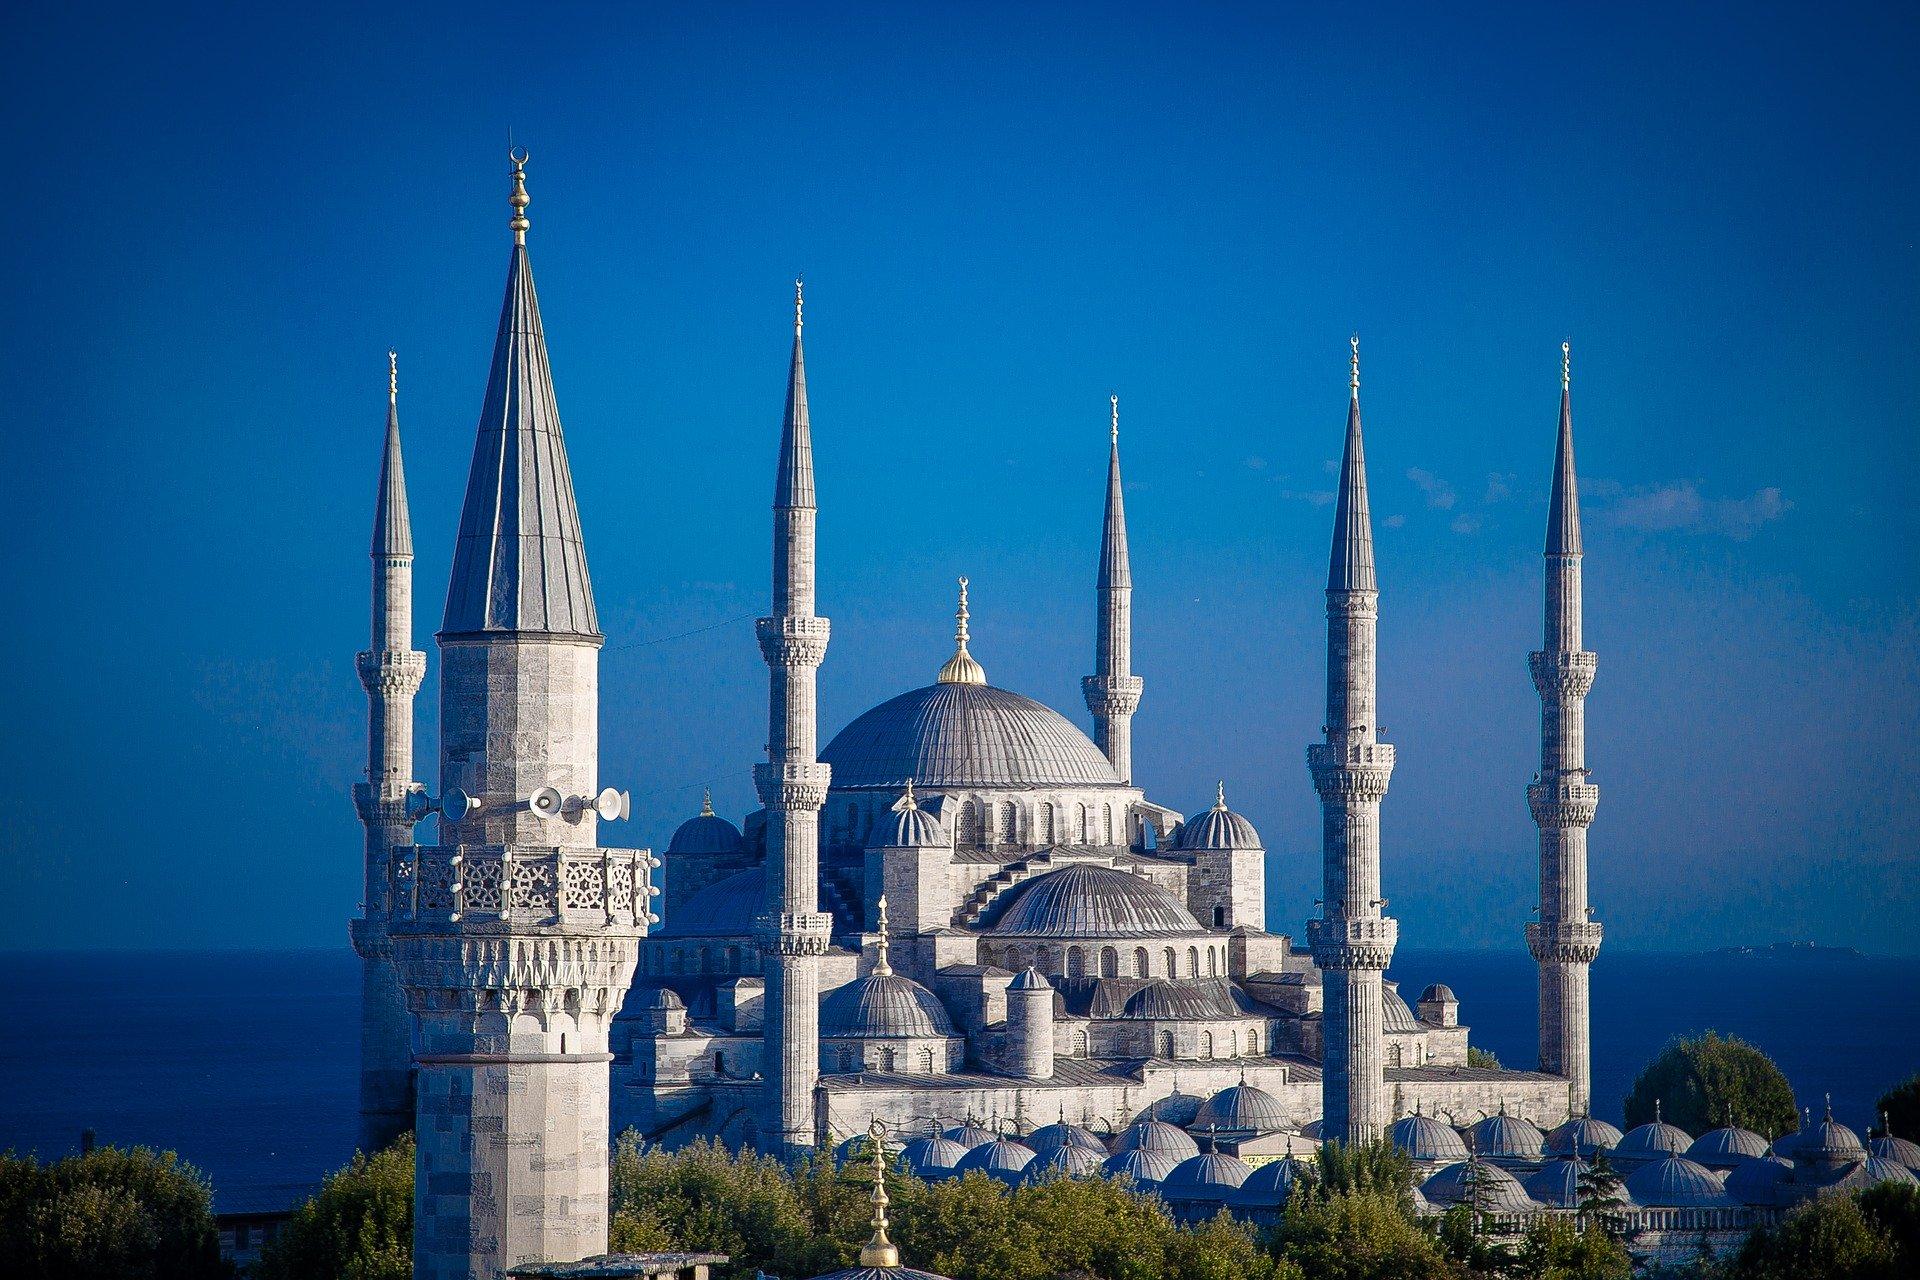 Istanbul Flug und Hotel - ab 182,49€ Pauschalreise 4 Sterne Hotels